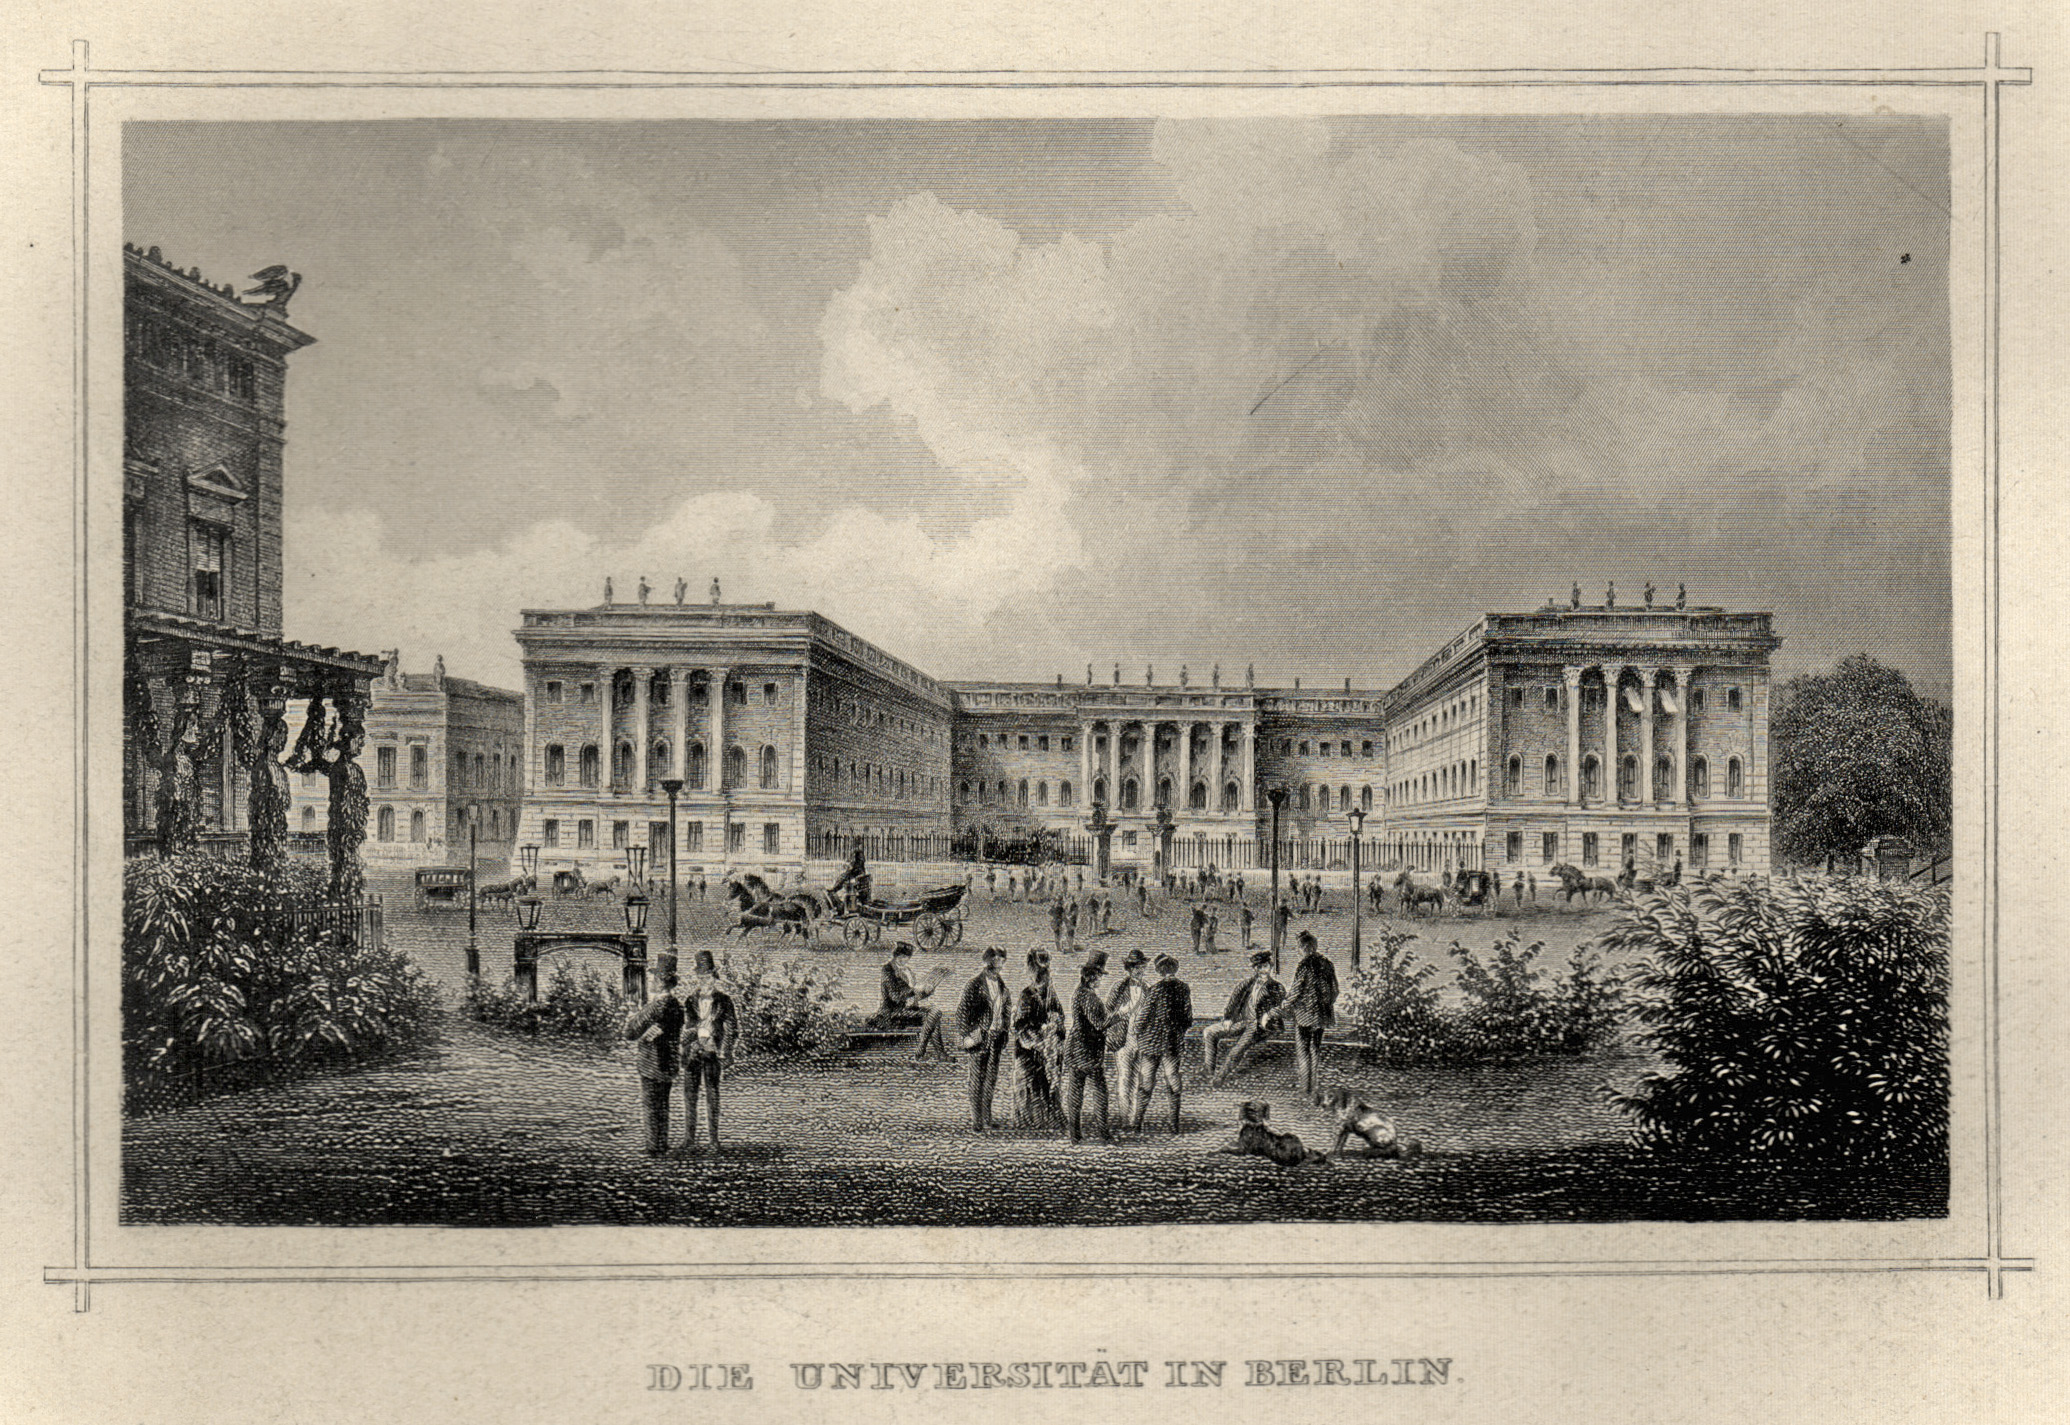 Die Universität in Berlin.: Berlin - Universität: